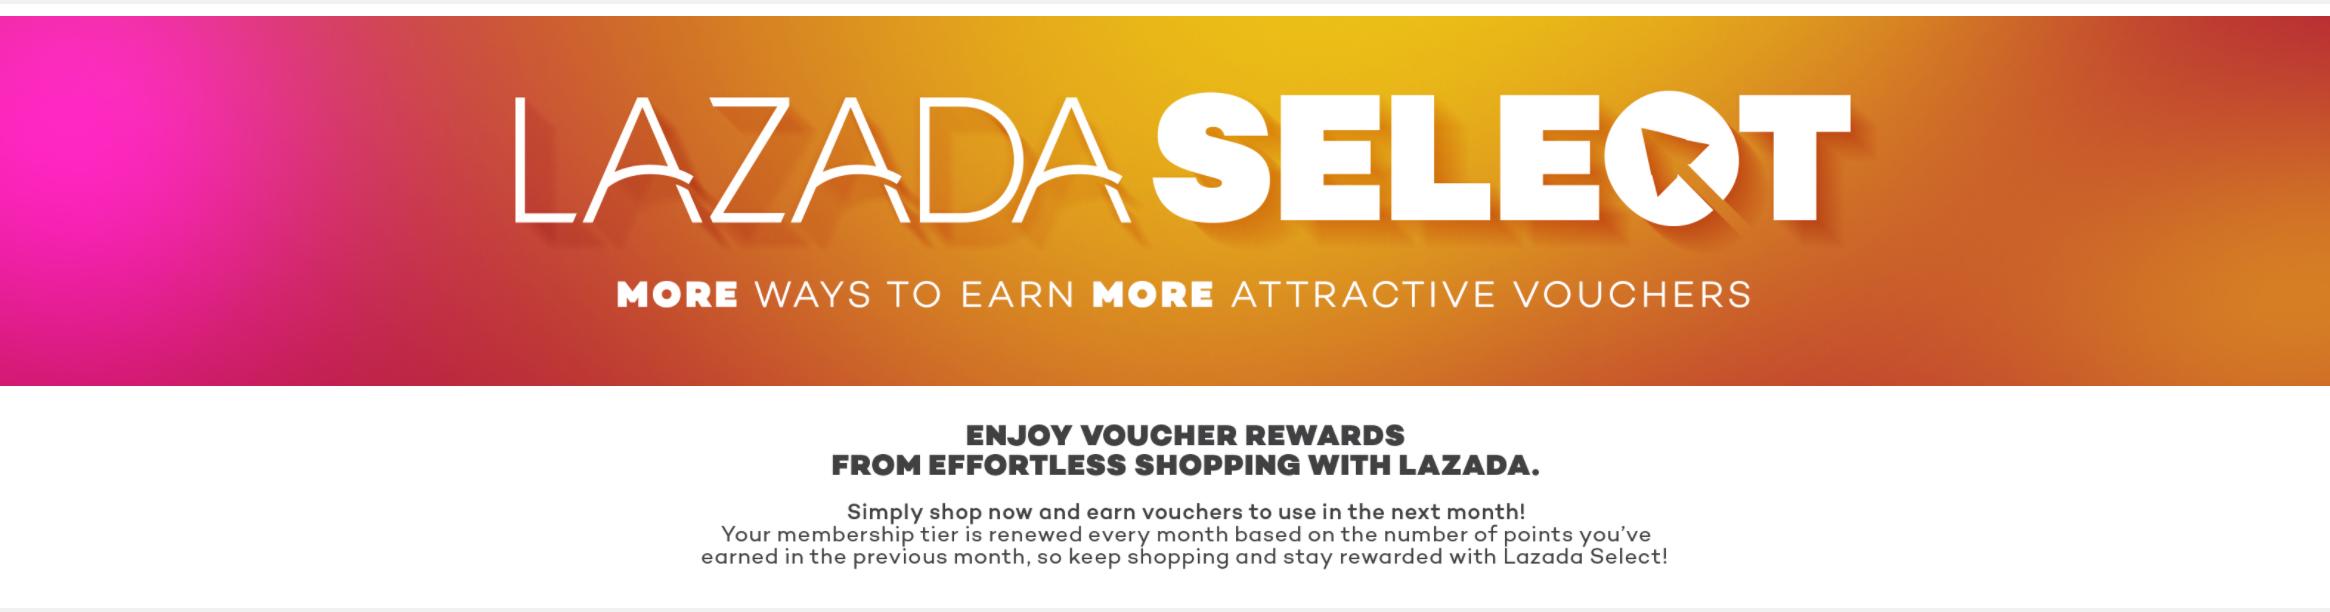 Lazada Select to award loyal customers